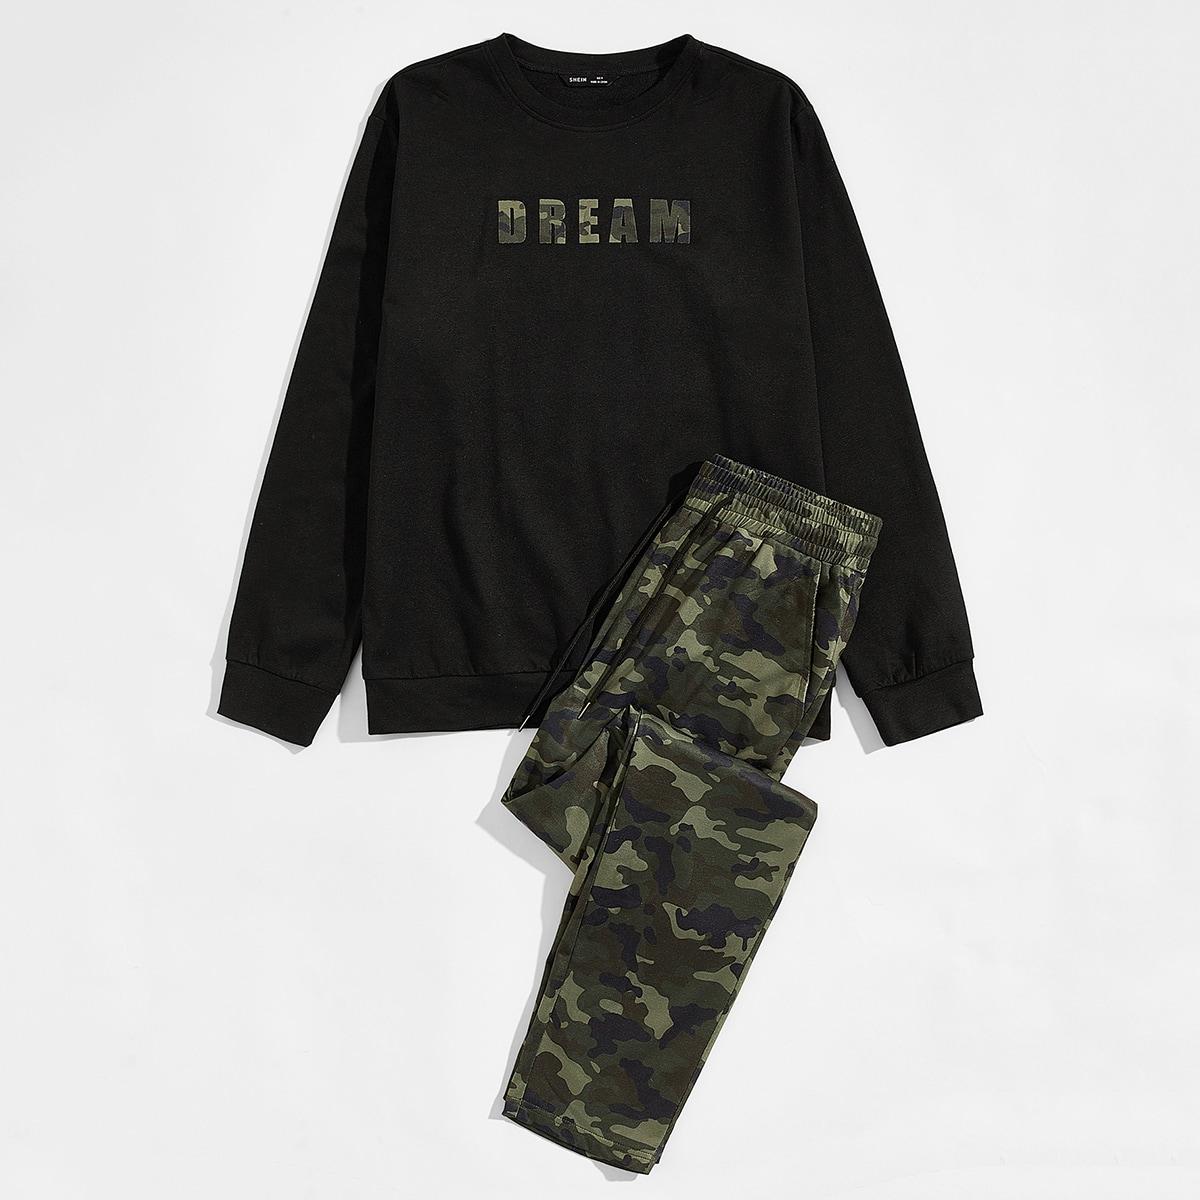 Мужской пуловер с текстовым принтом и брюки с камуфляжным принтом на кулиске